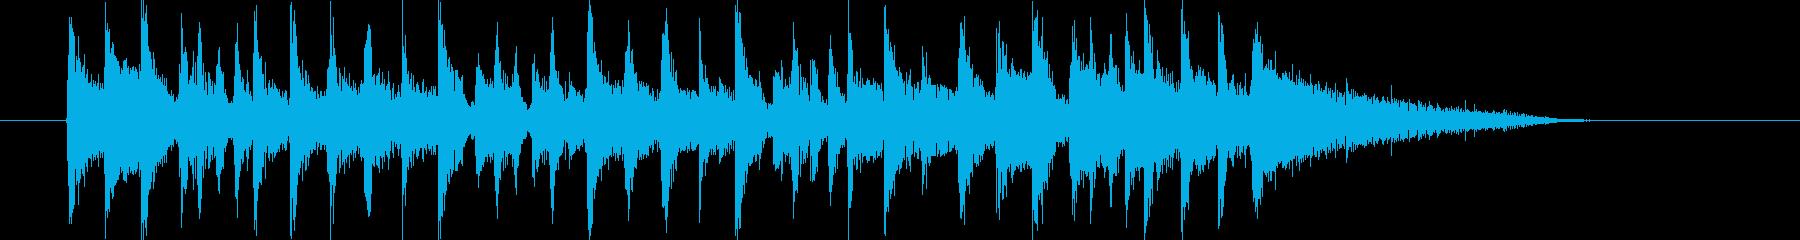 爽やかなポップスによるジングル曲の再生済みの波形